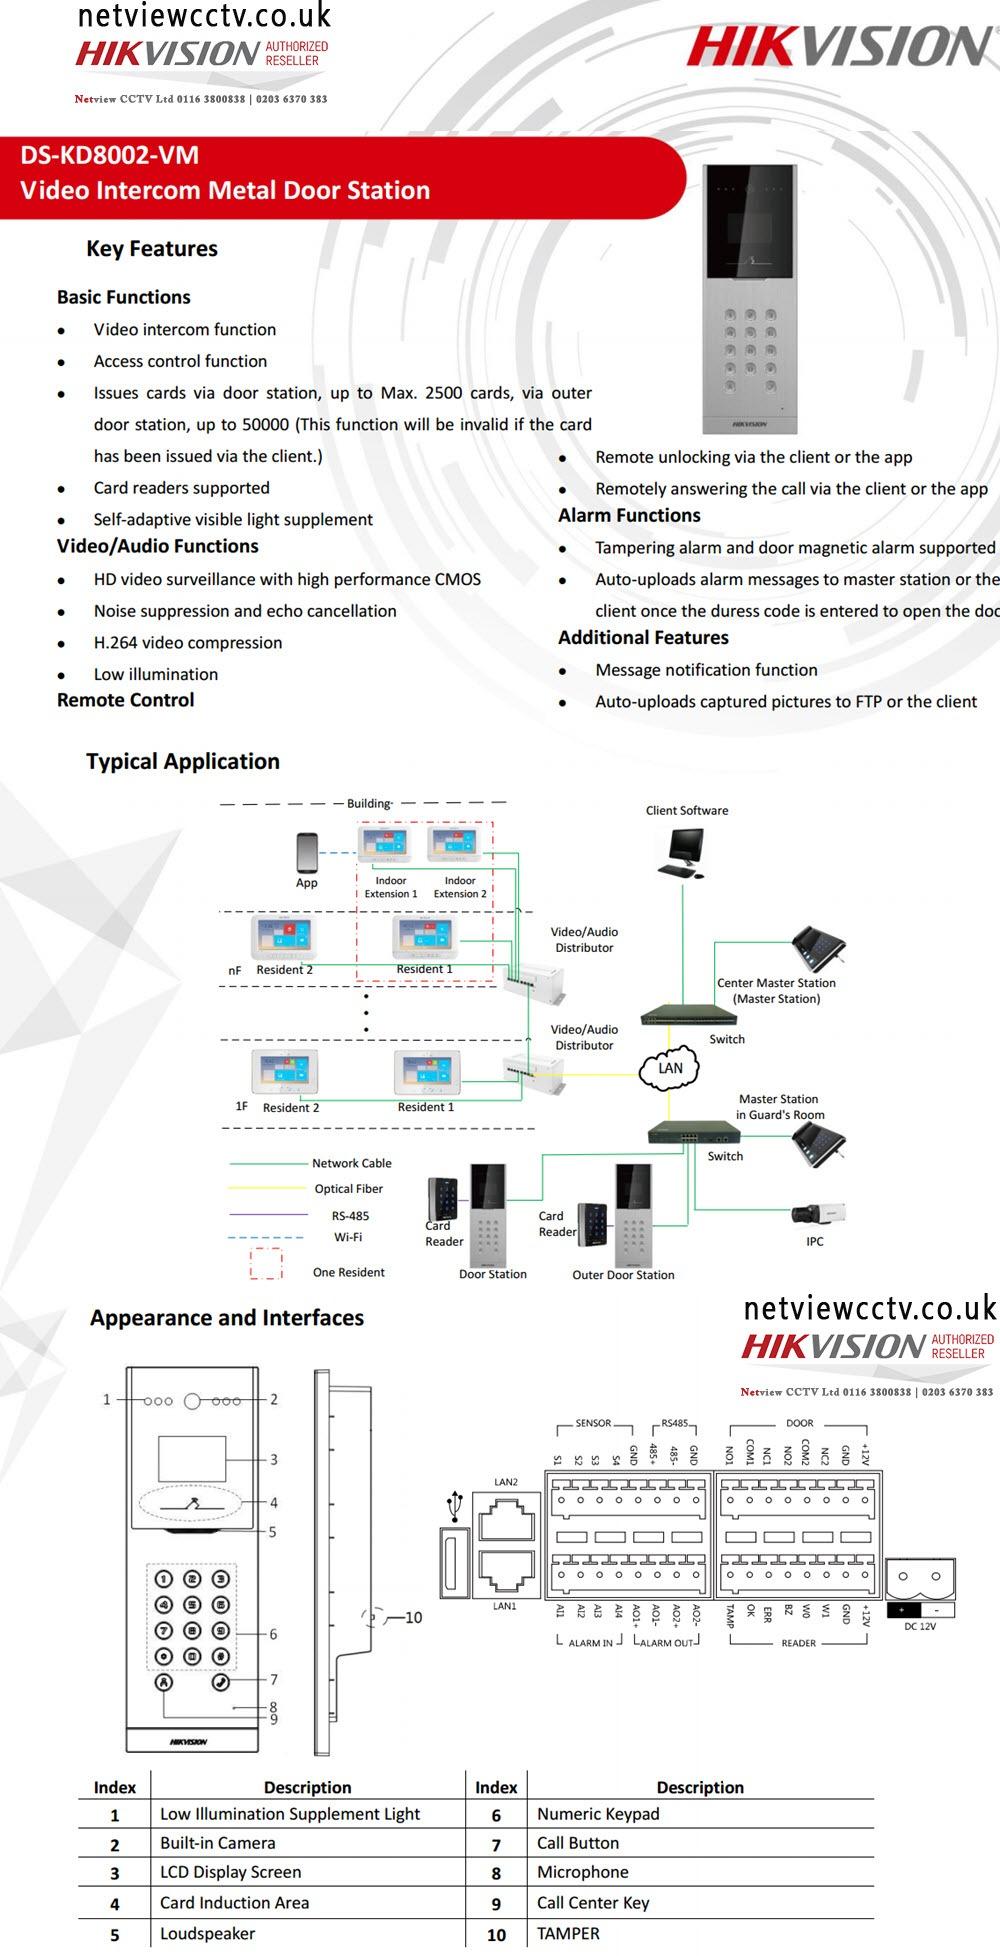 Hikvision DS-KD8002-VM Hikvision DS-KD6002-VM Video Intercom Specifications